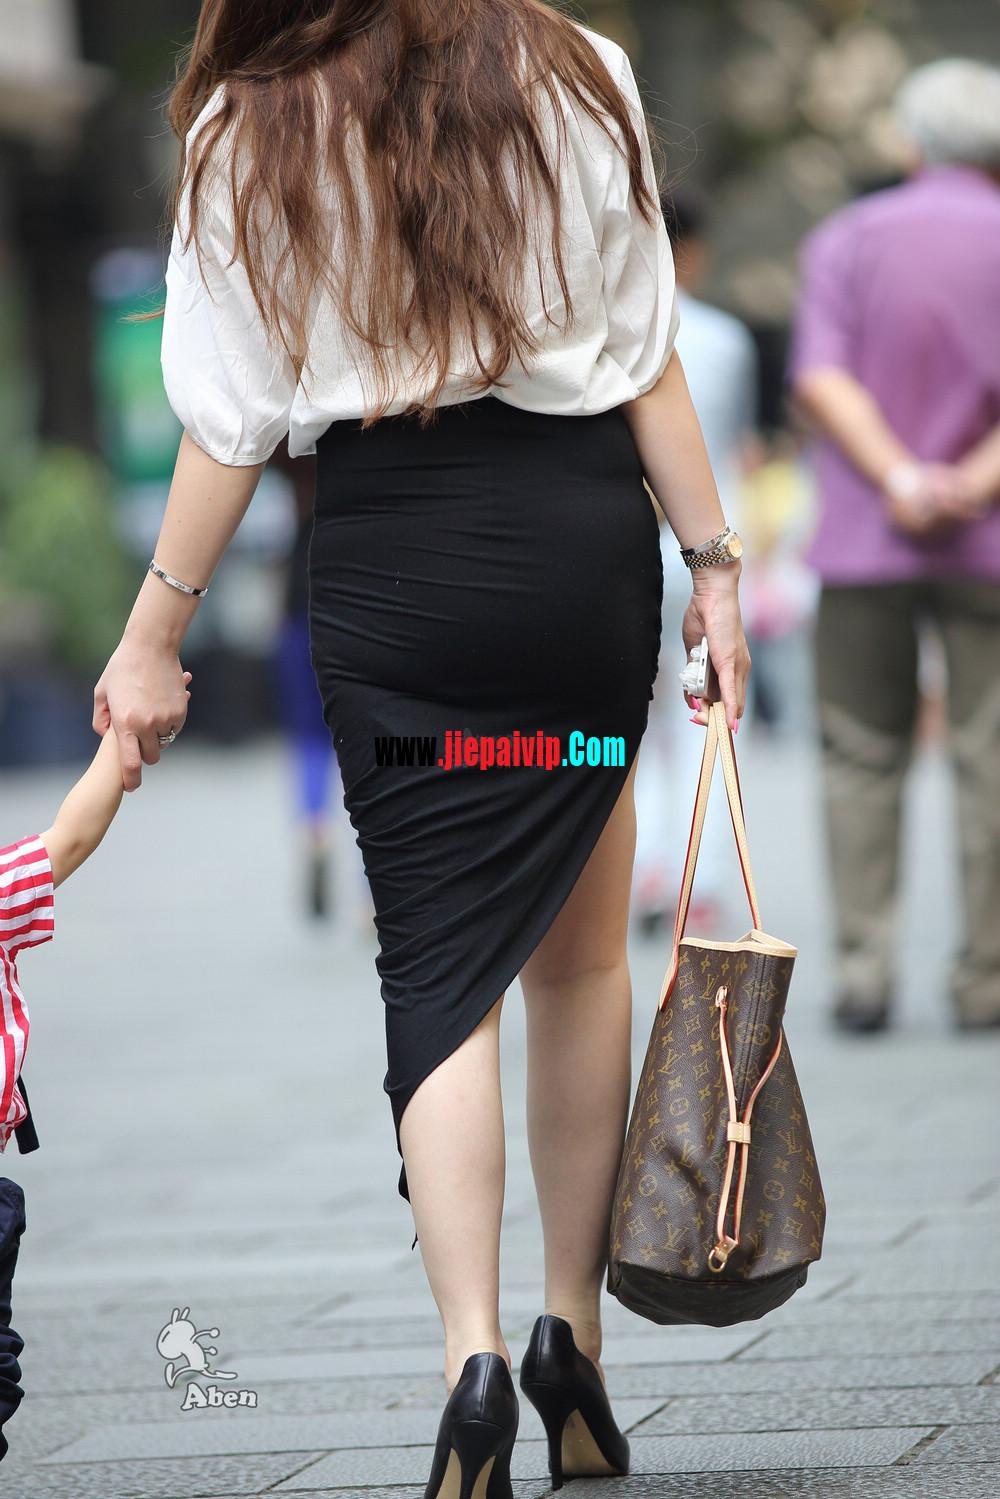 生了小孩的少妇最有魅力,美臀黑裙美腿高跟少妇10